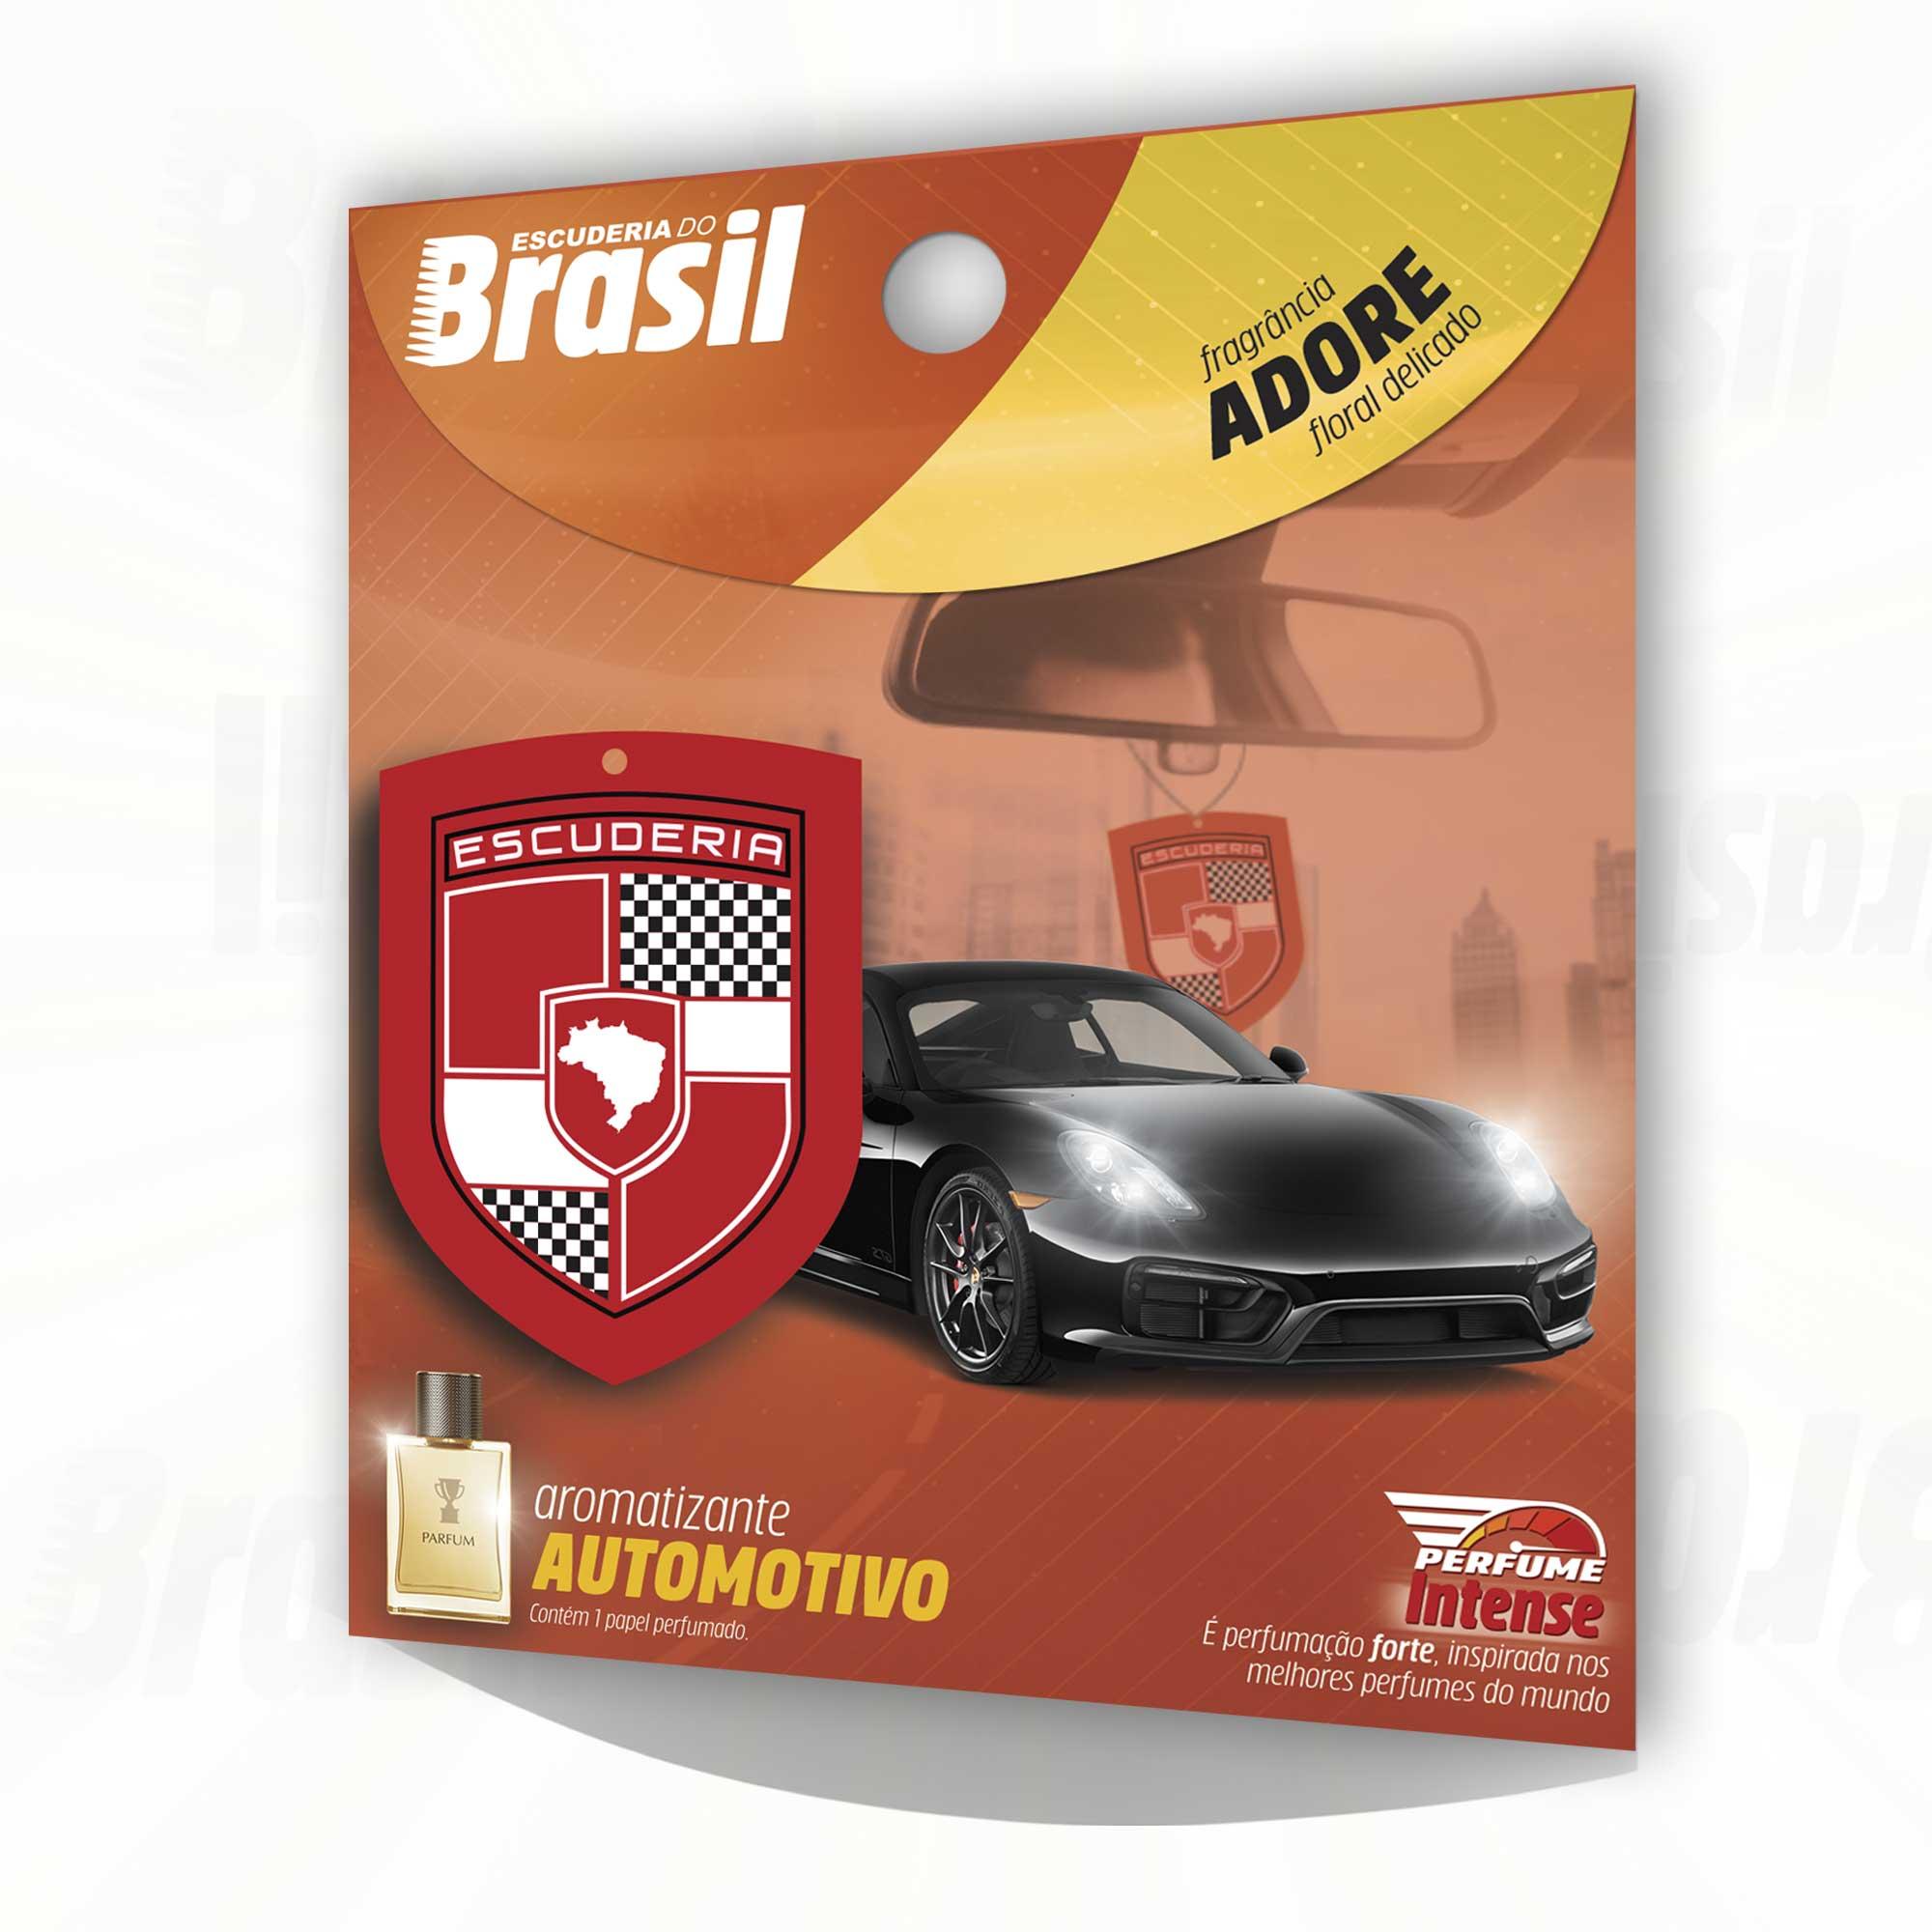 Adore - Perfume Intense  - Escuderia do Brasil